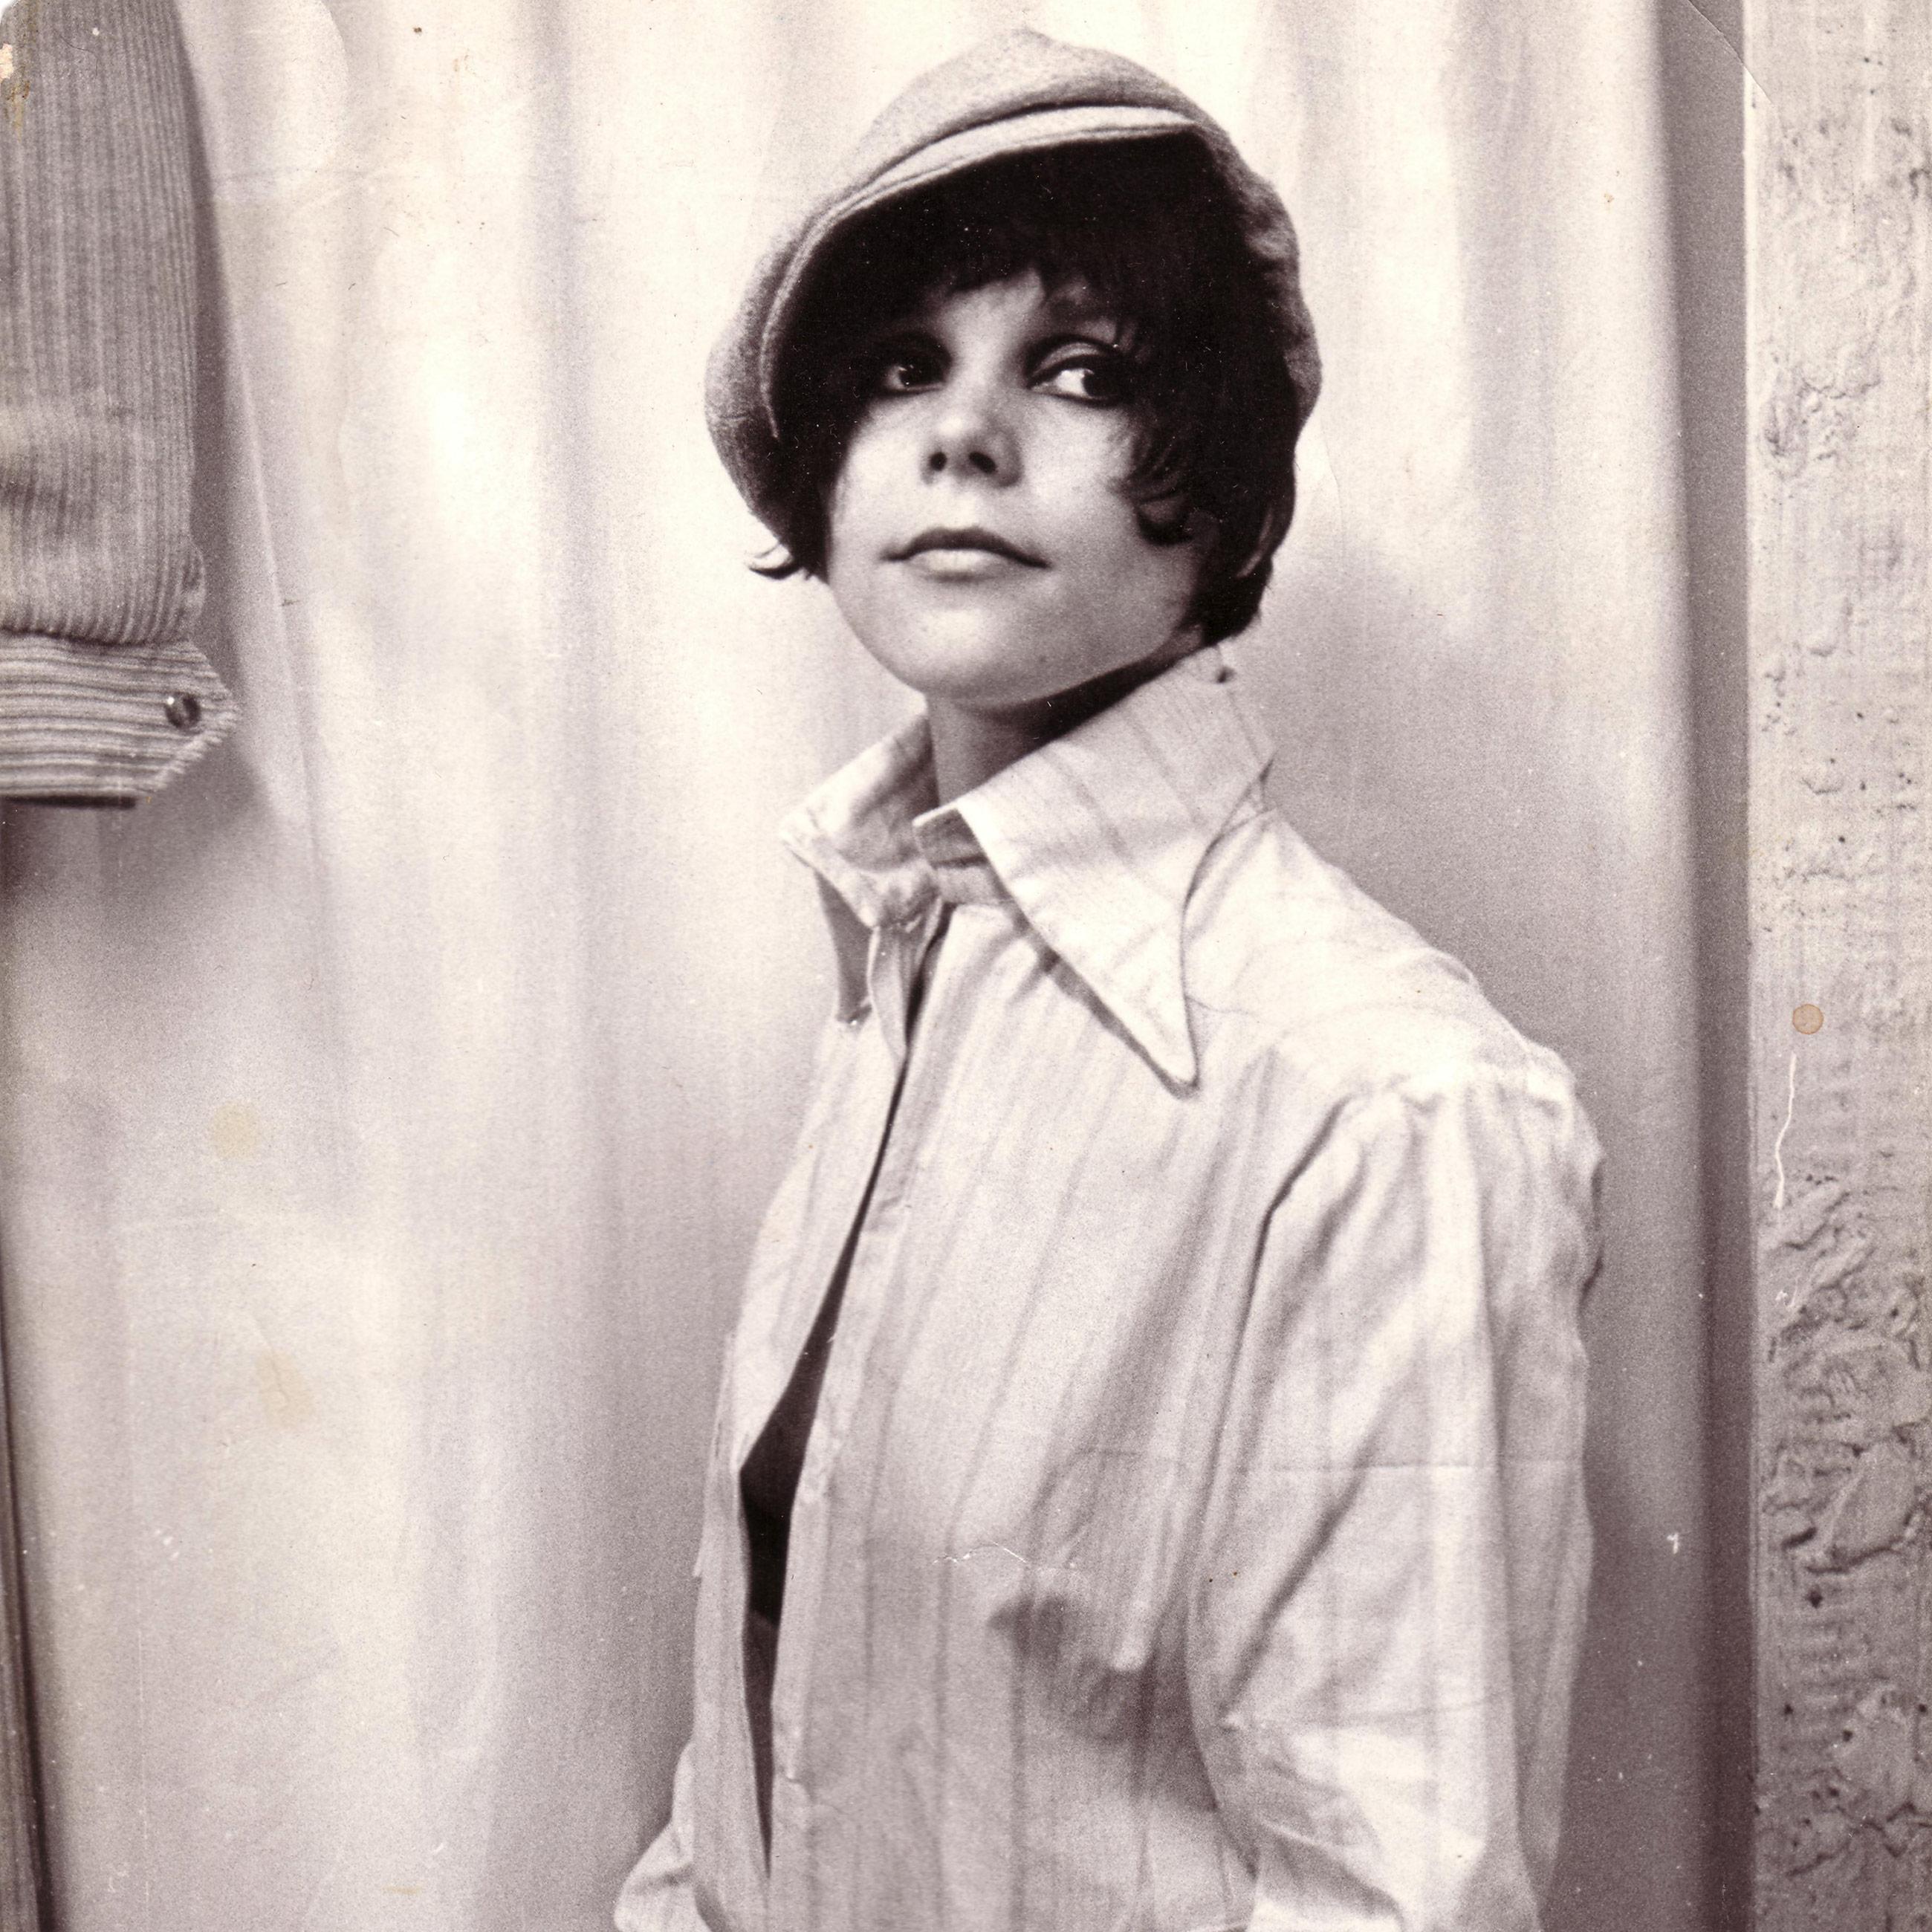 Photographie prise en 1967 de la légende de la culture cannabique Mila Jansen. Mila a les cheveux coupés courts, un style à la mode à cette époque, et porte une casquette et une chemise d'homme.